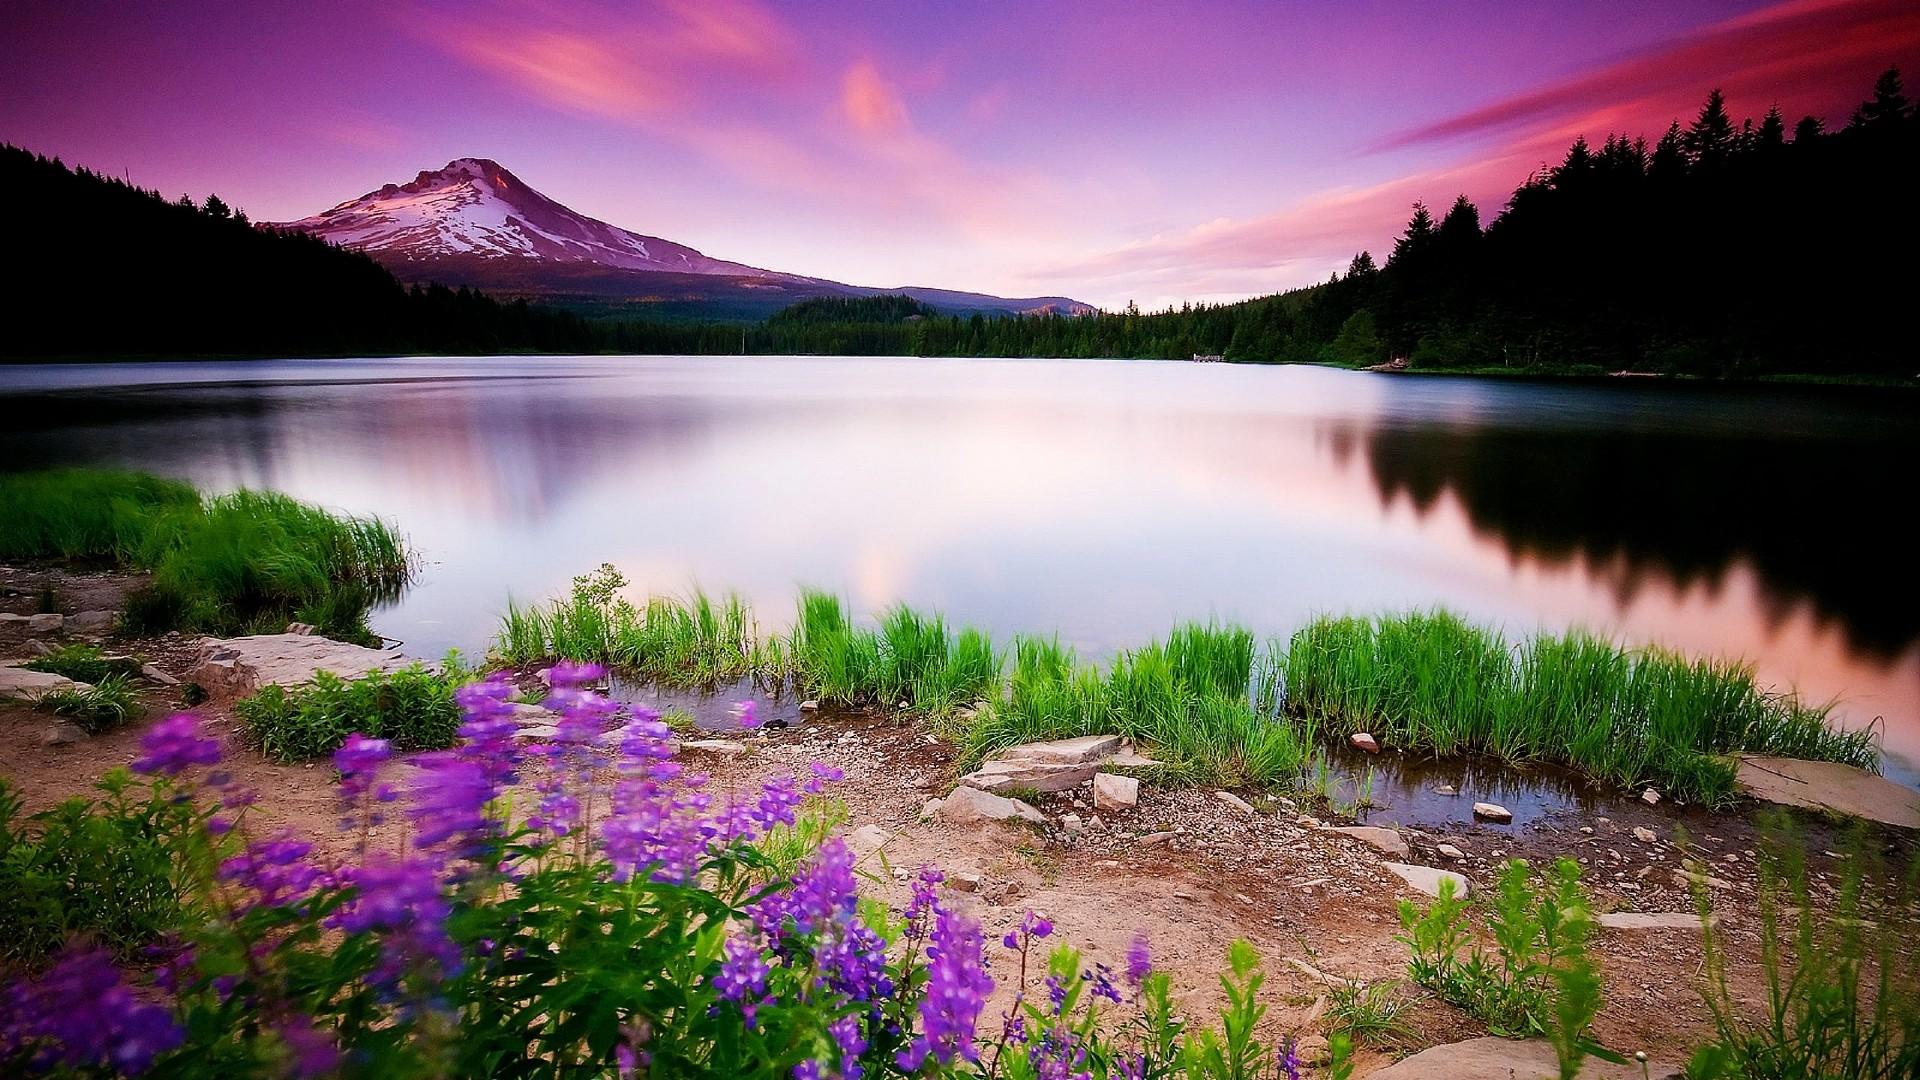 Natural Beautiful Scenes, wallpaper, Natural Beautiful Scenes hd .